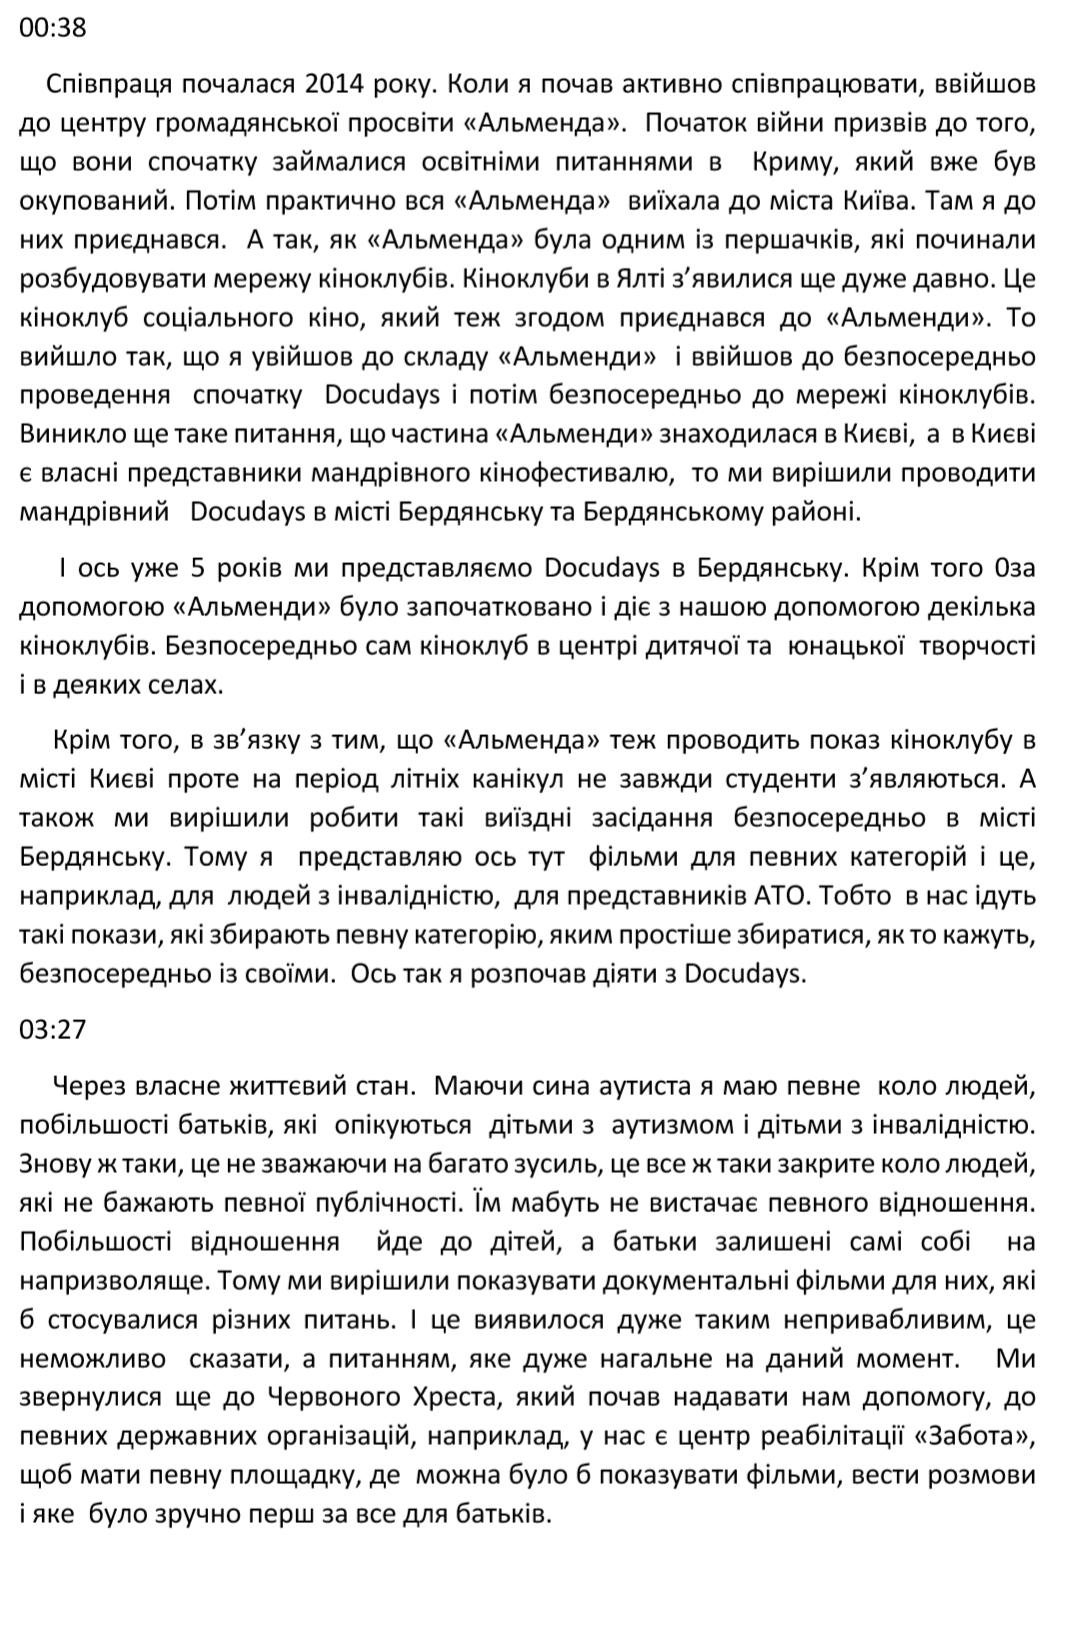 Фото Транскрибація інтерв'ю на українській мові без запитань інтерв'юера.